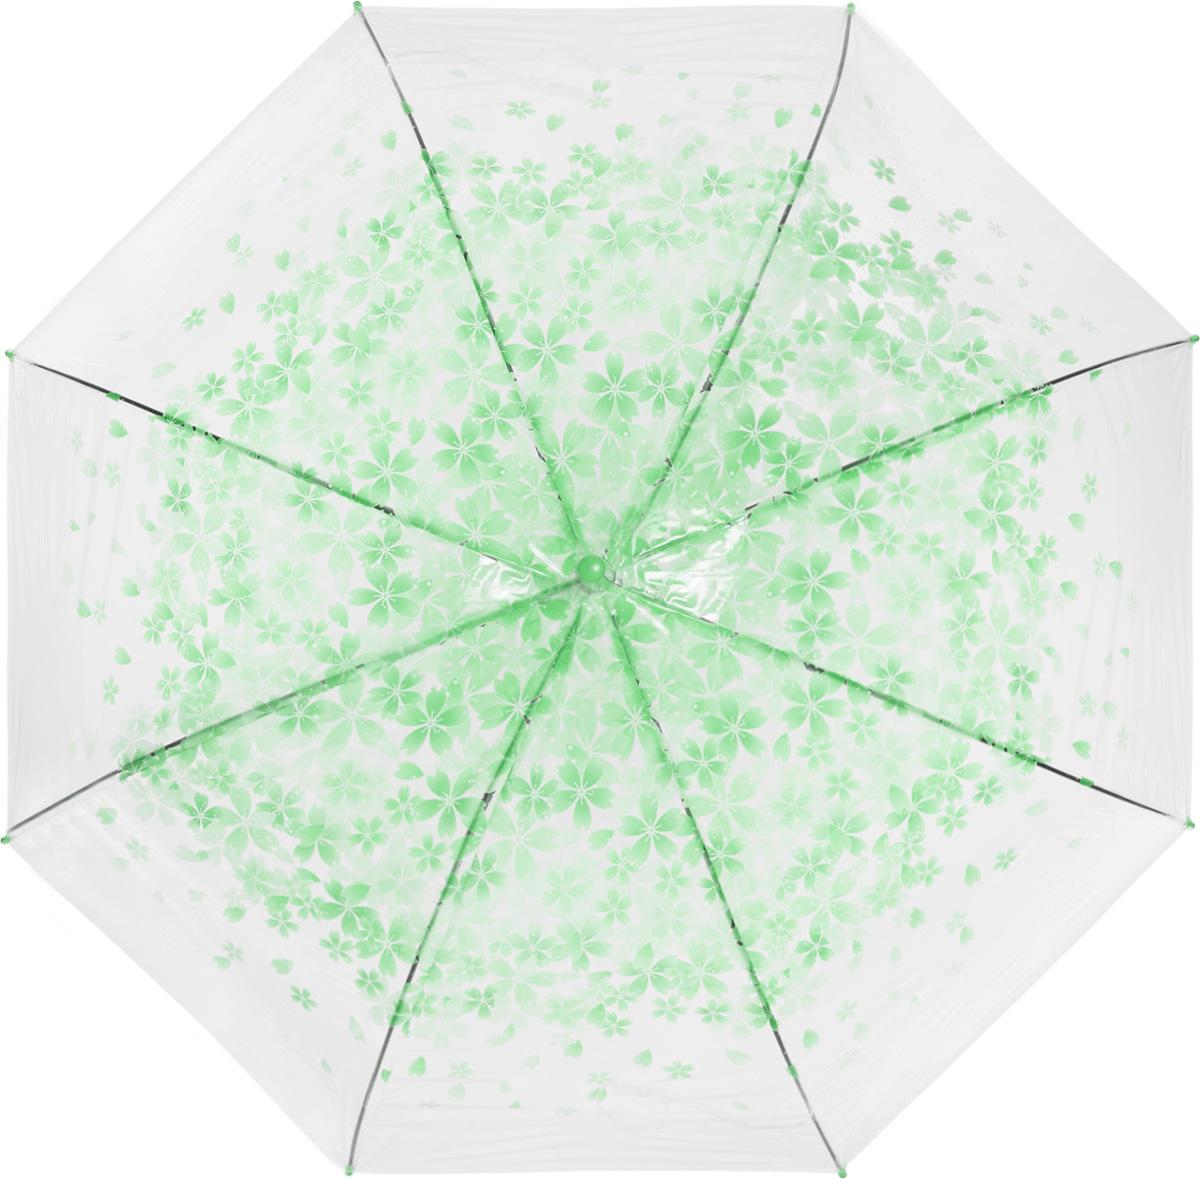 Зонт женский Эврика, цвет: прозрачный, зеленый. 9750597505Зонт-трость Эврика выполнен из прозрачного полиэтилена и оформлен цветочным принтом. Благодаря своему изяществу и утонченности орнамента он способен украсить даже самый пасмурный день. Лёгкий, практичный зонт-полуавтомат послужит верным спутником дамы, желающей выглядеть стильно в любую погоду.